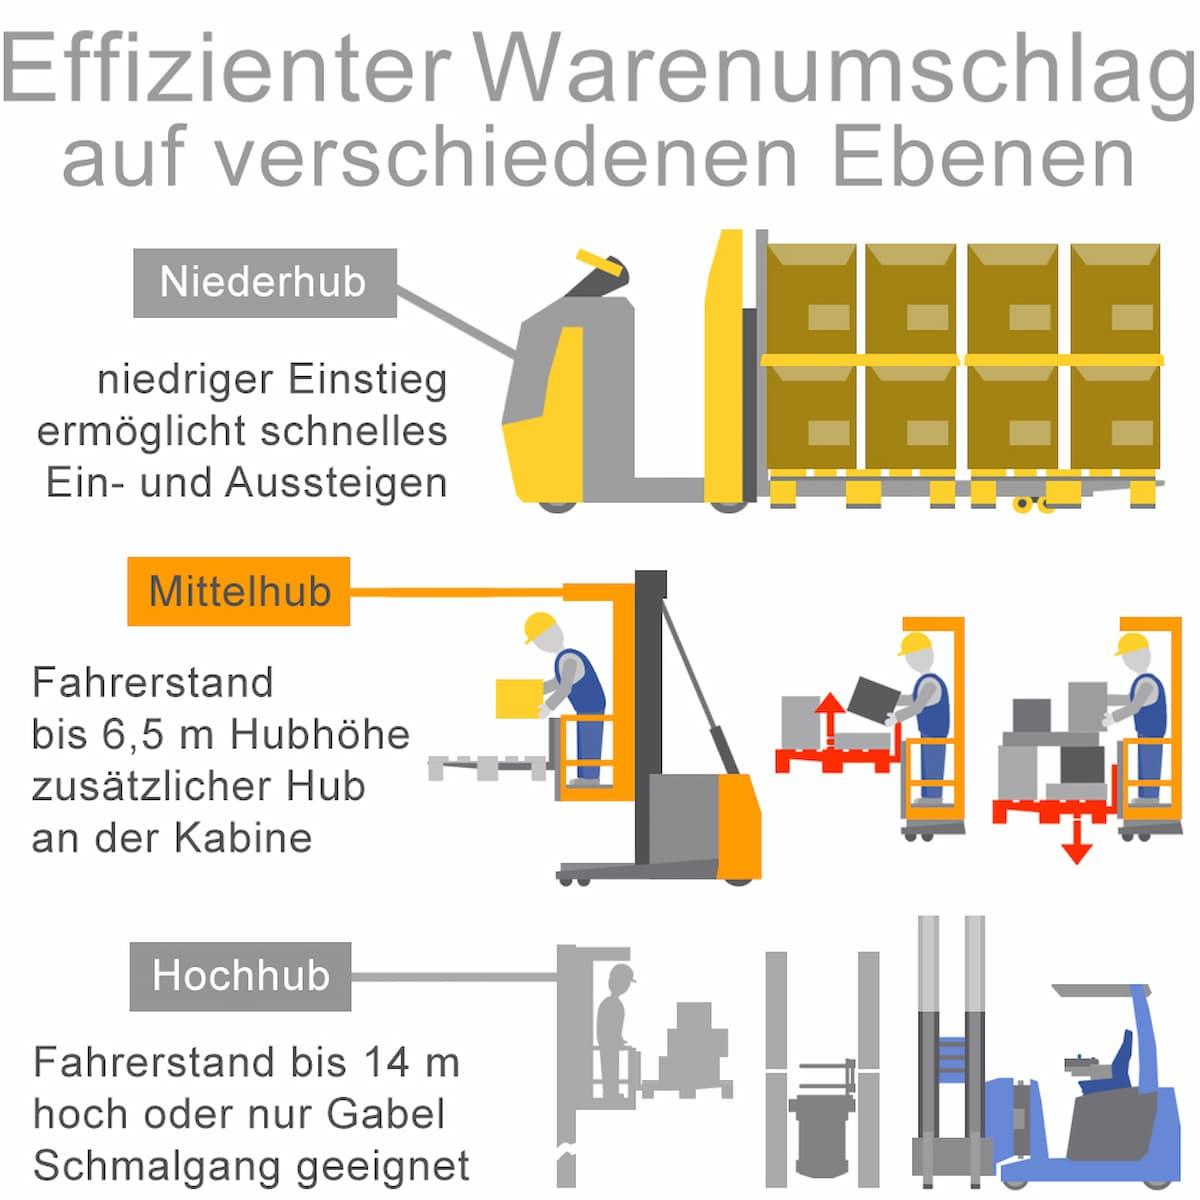 Kommissionierer: Effizienter Warenumschlag auf verschiedenen Ebenen